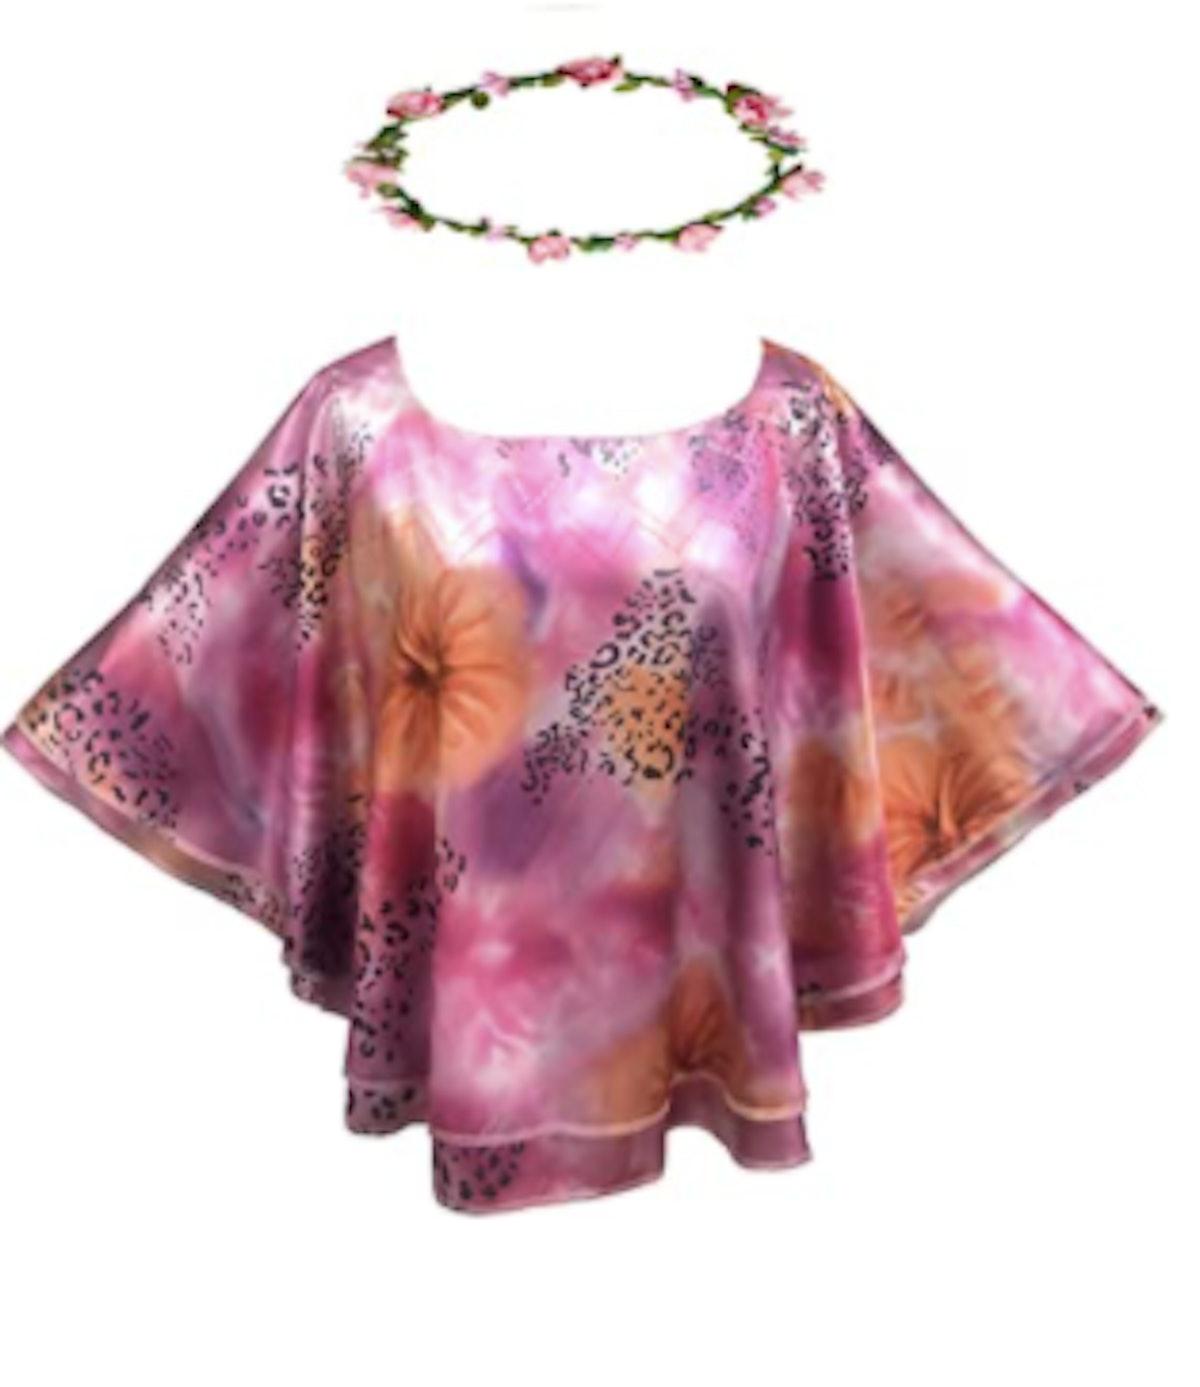 Carole Baskin Shirt and Flower Crown